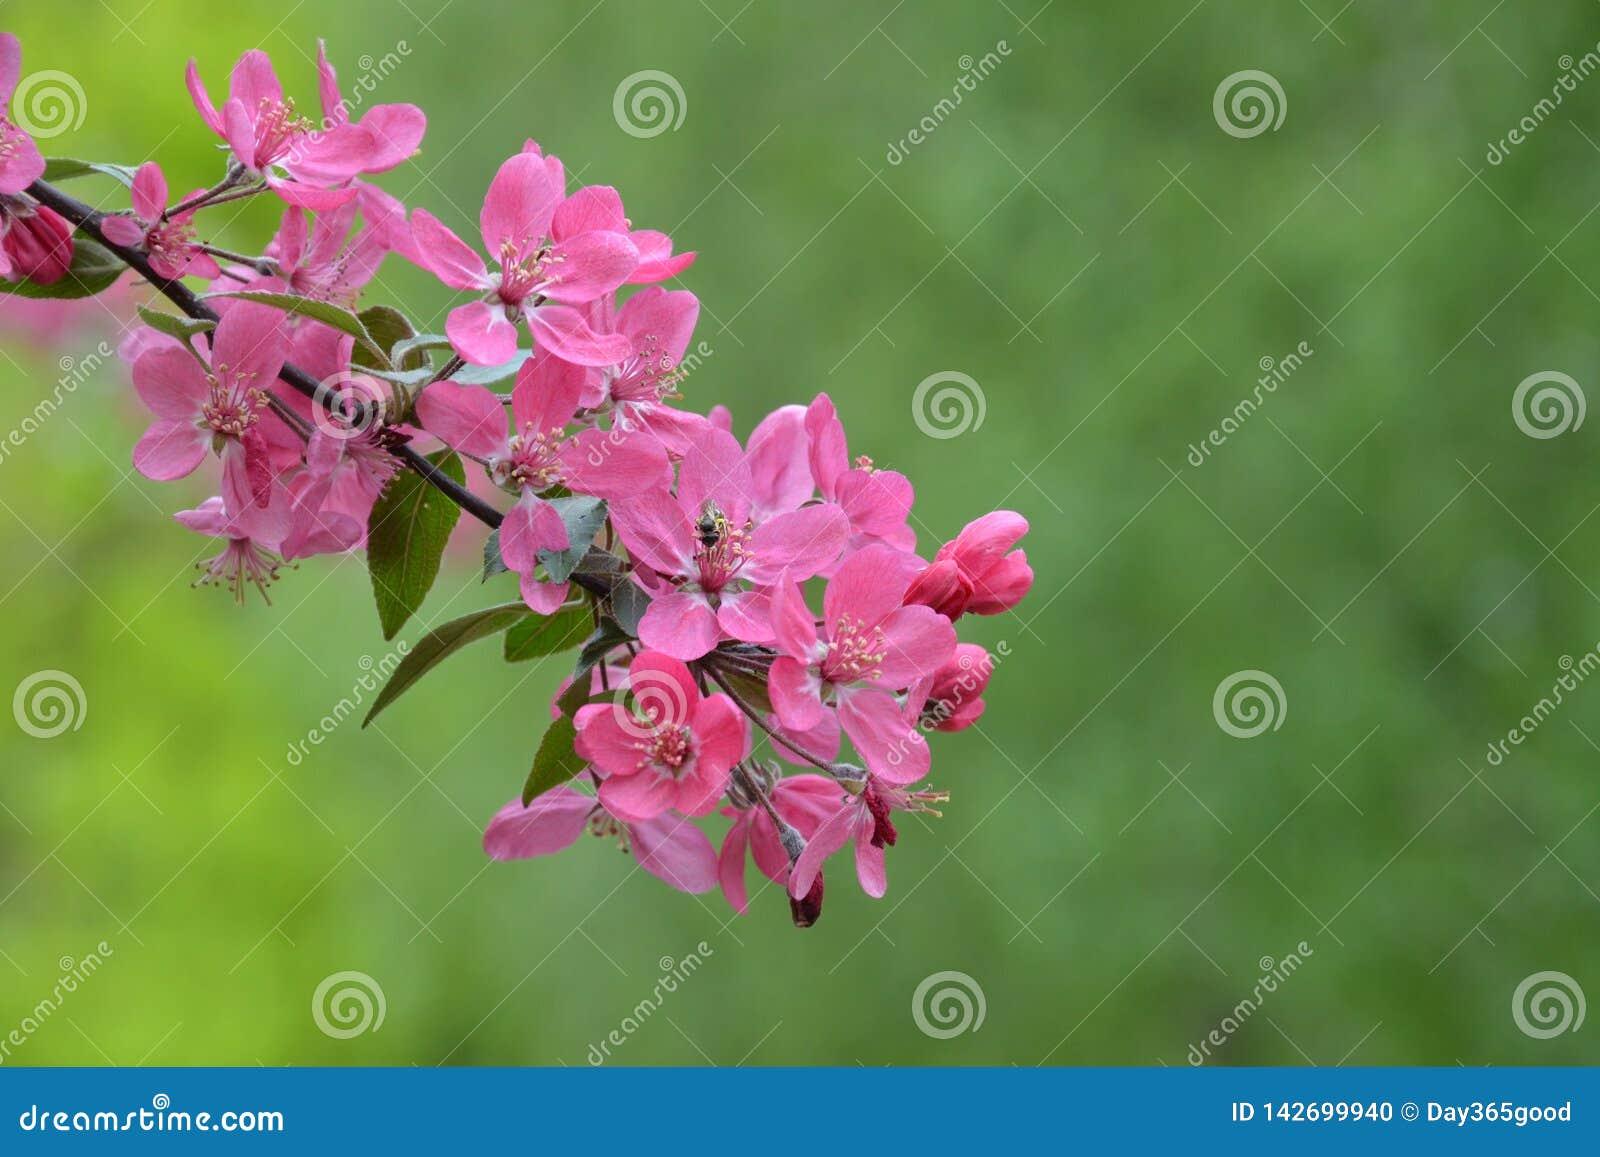 Ανθίζοντας κλάδος του θεϊκού ρόδινου δέντρου μηλιάς Οπωρώνας ανθών άνοιξη Ρόδινα λουλούδια στο πράσινο υπόβαθρο